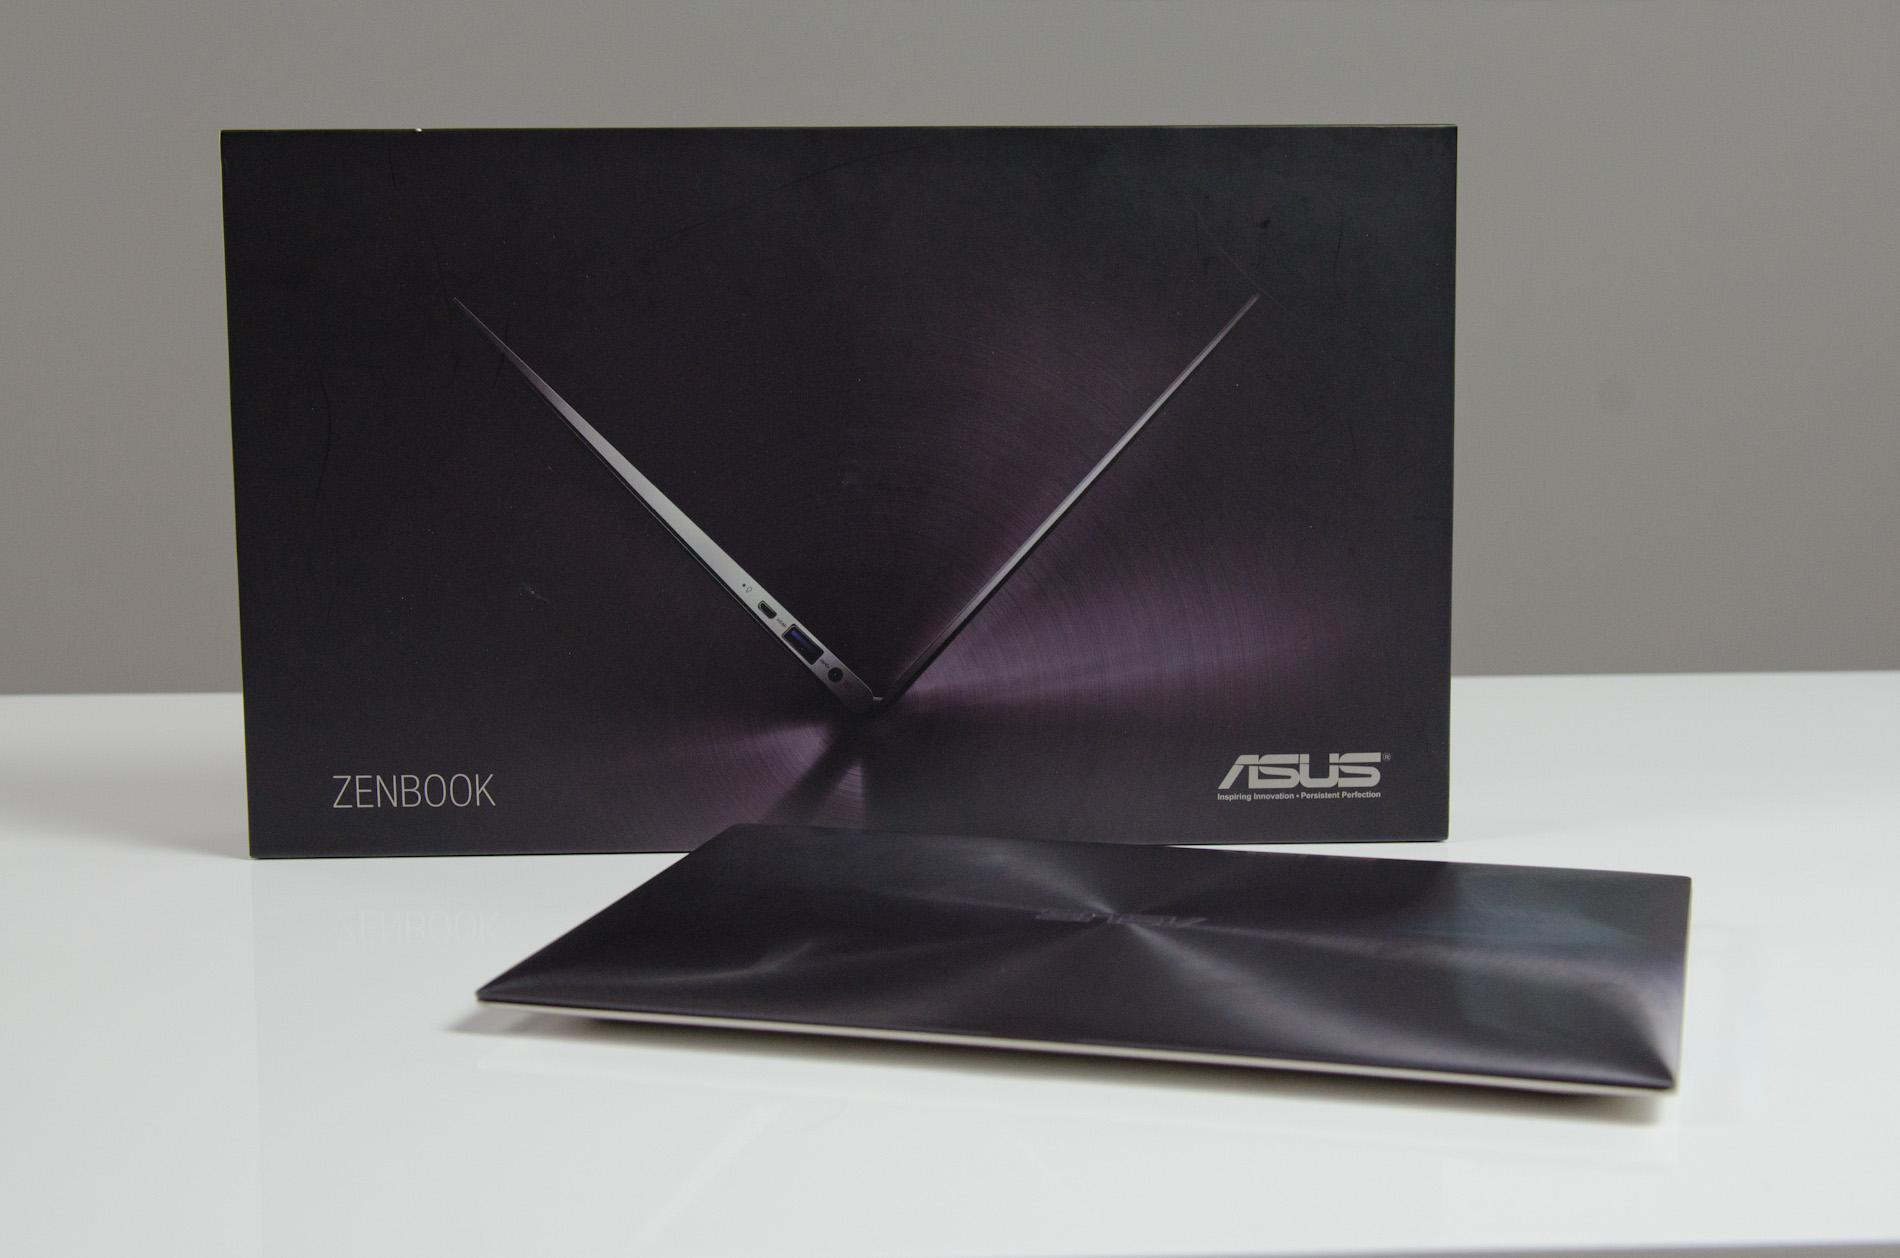 ASUS Zenbook UX21E-KX004V photos